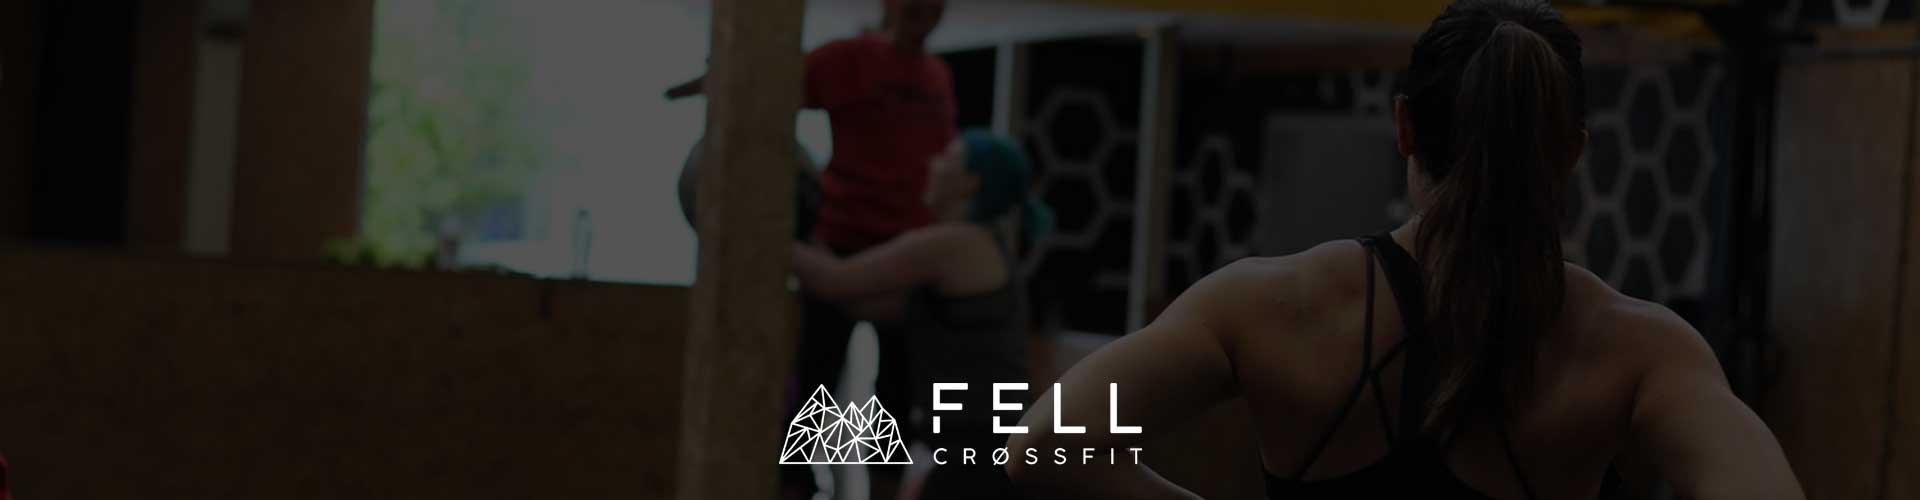 fell-banner.jpg